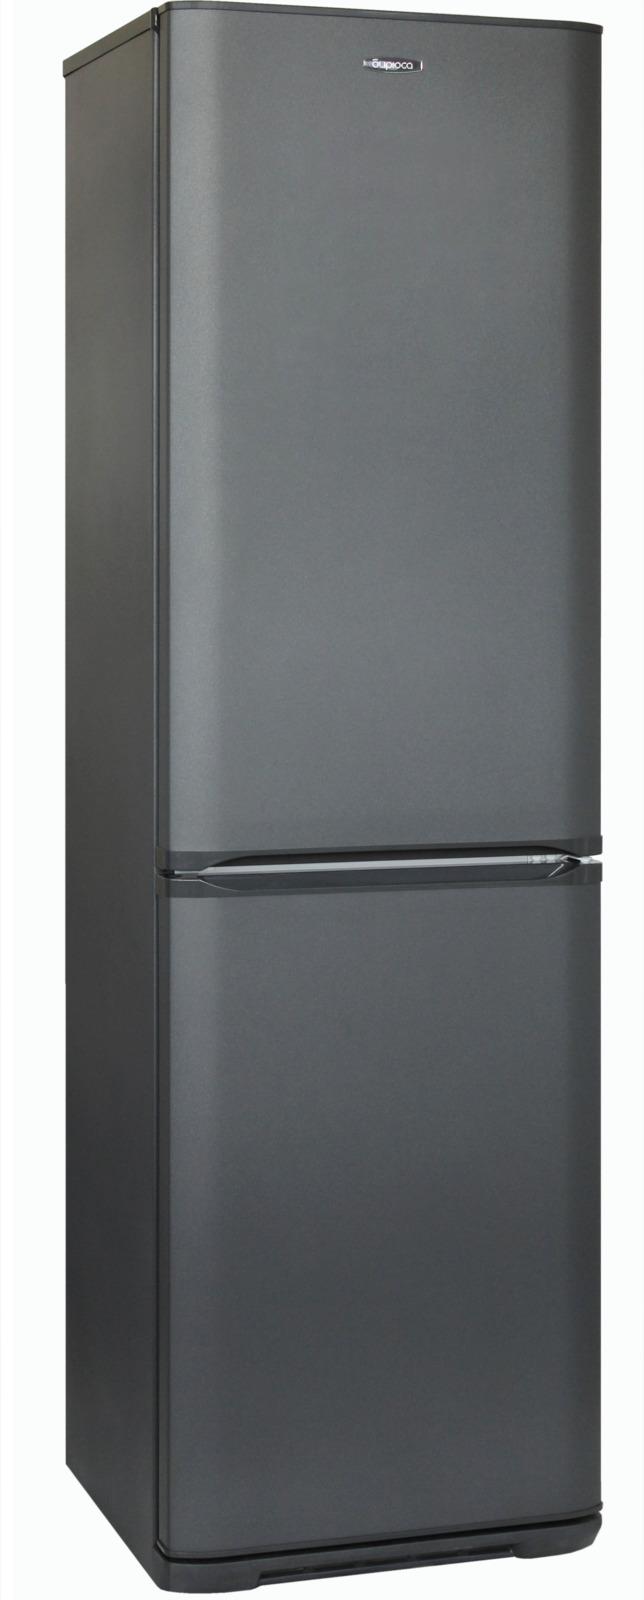 Холодильник Бирюса M380NF, цвет: серый металлик